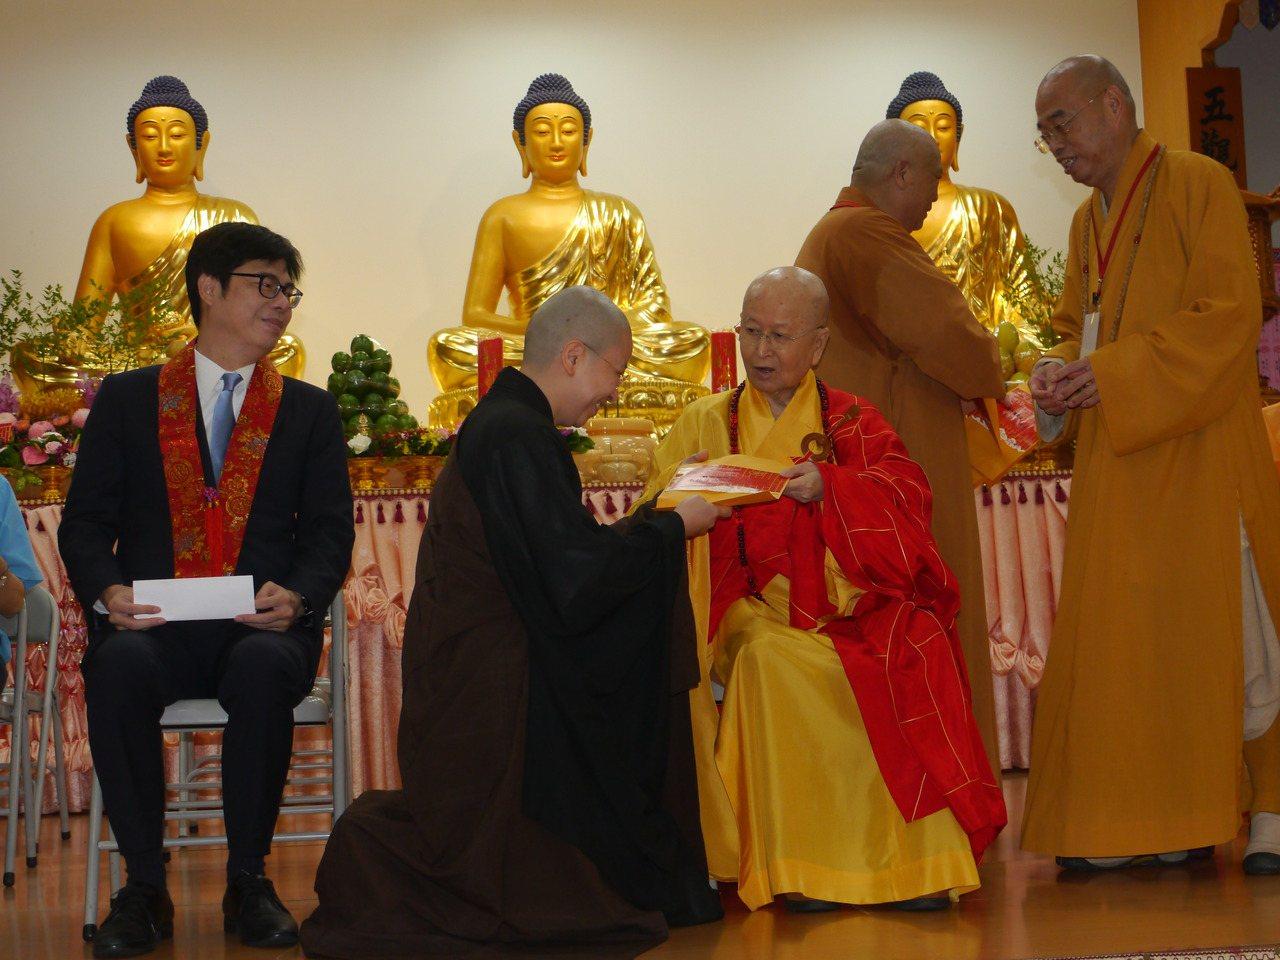 行政院副院長陳其邁(ˇ左一)參加高雄光德寺祈福法會,針對宗教界人士擔心的宗教立法...